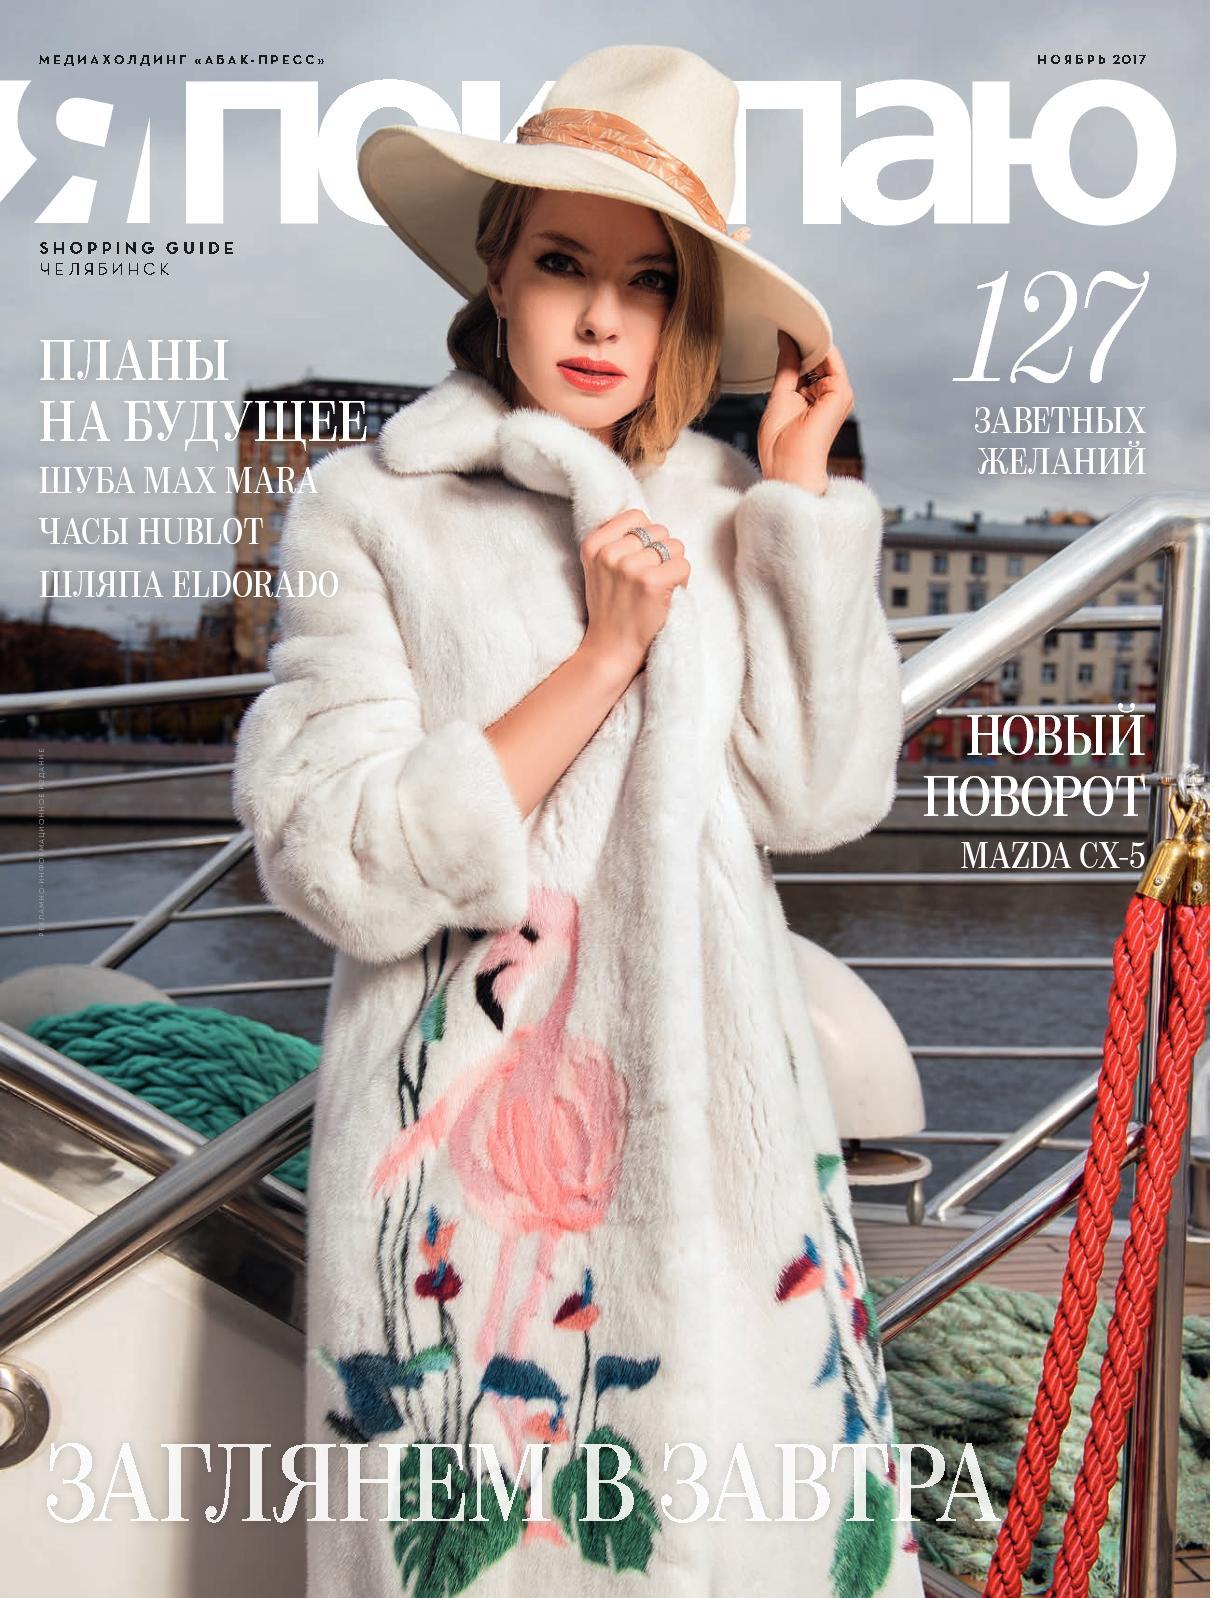 3e7e3798b540 Calaméo - Shopping Guide «Я Покупаю. Челябинск», ноябрь 2017